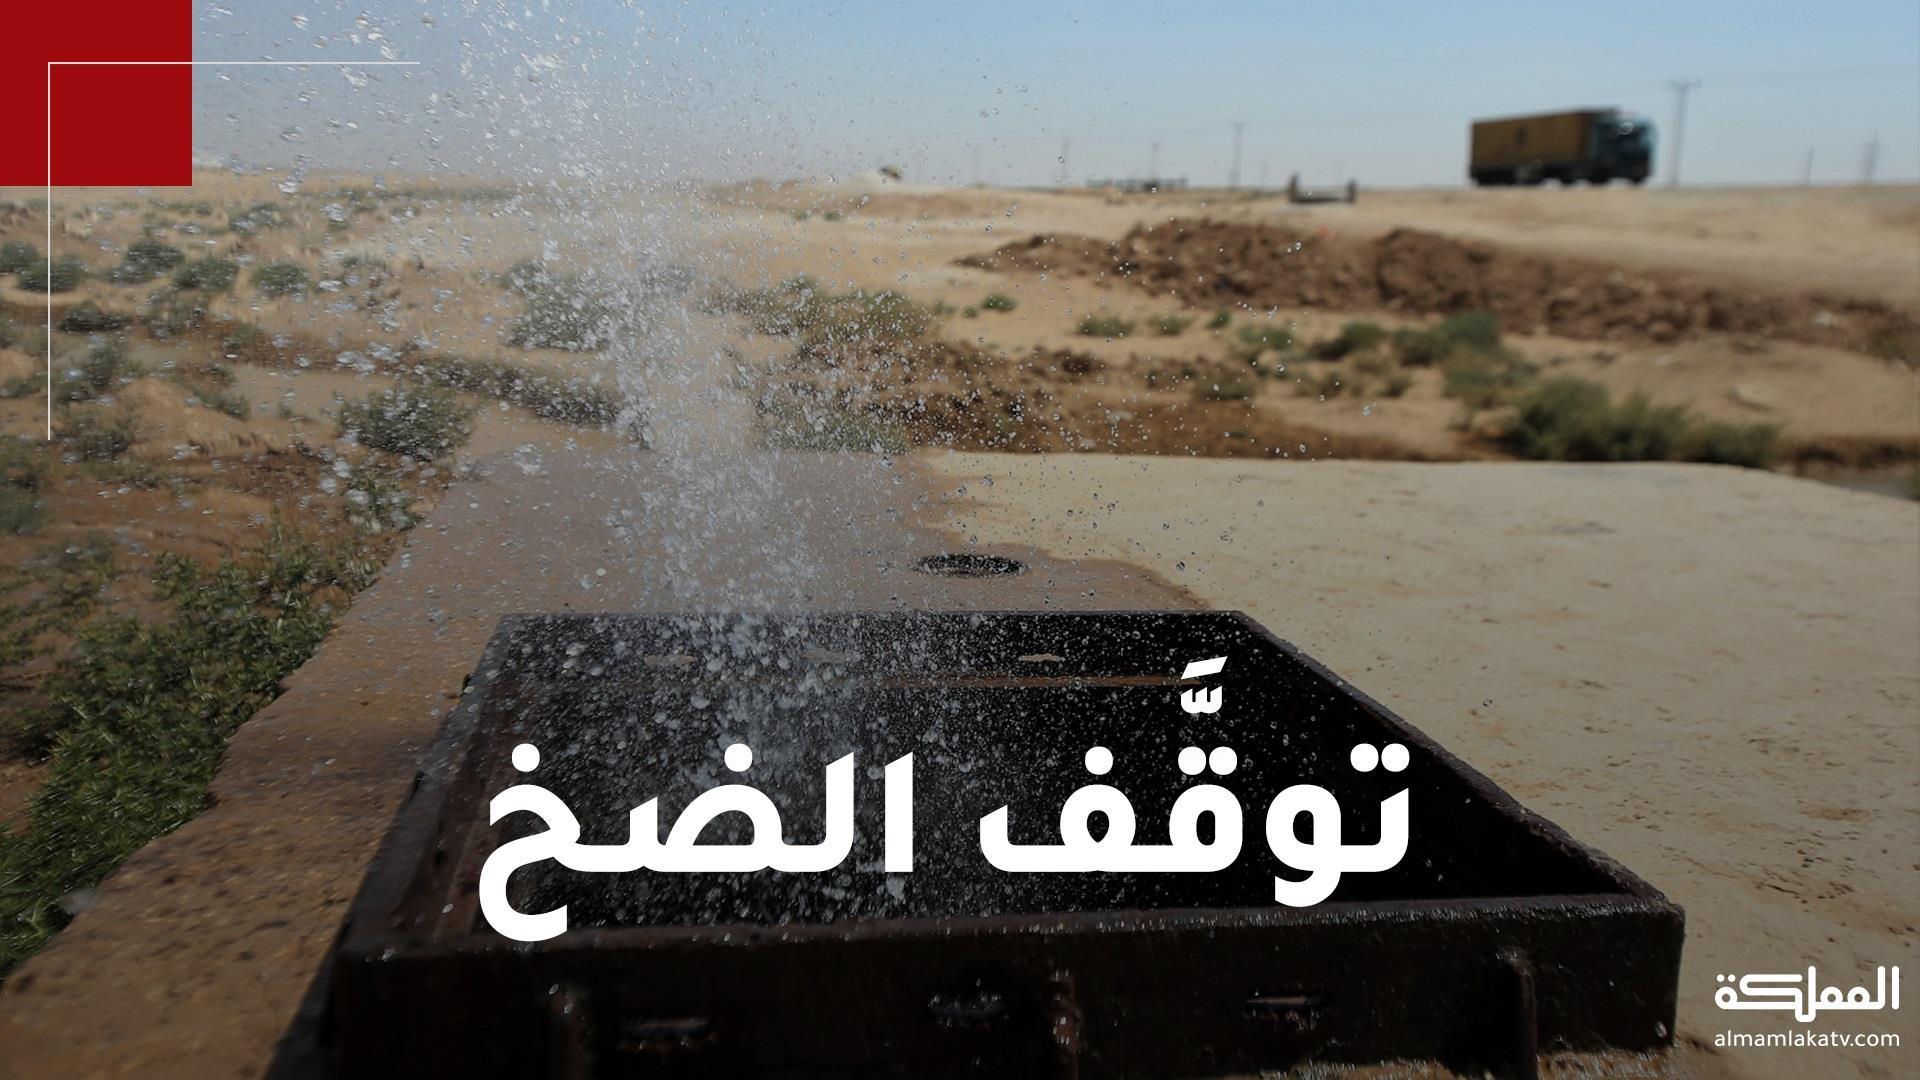 خطوط الديسي تجف 5 أيام .. أعمال صيانة توقف ضخ المياه إلى أكثر من 100 منطقة في عمّان و الزرقاء